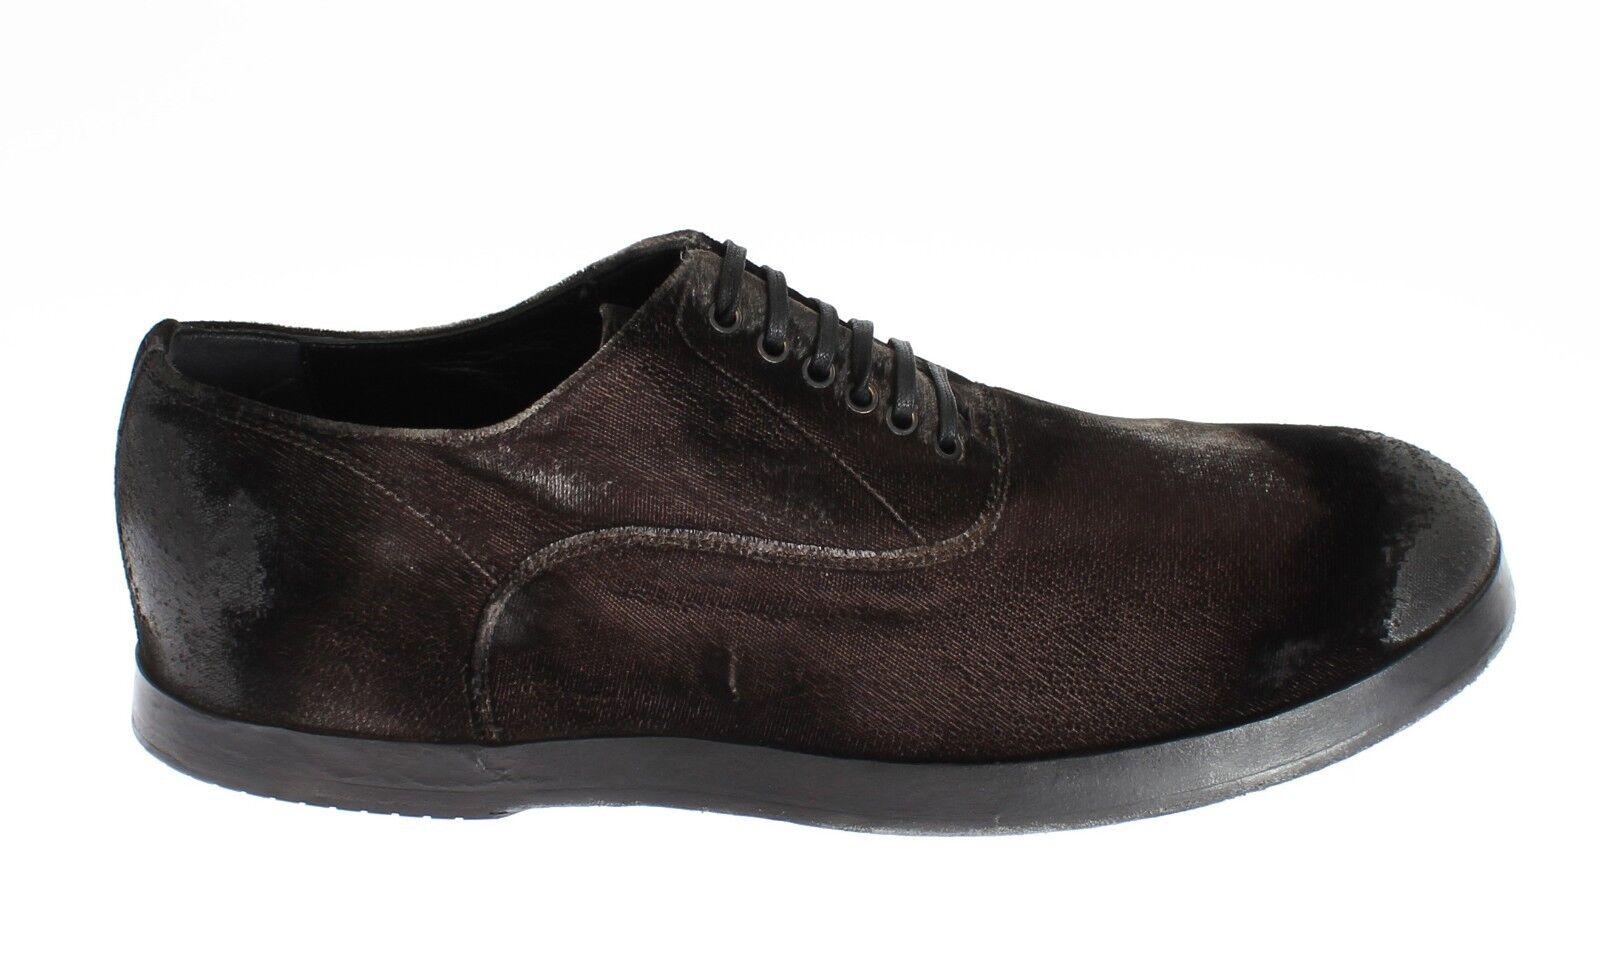 Nuovo Dolce & Gabbana Scarpe Velluto Marrone Casual Uomo Lacci EU42.5/US9.5 Scarpe classiche da uomo